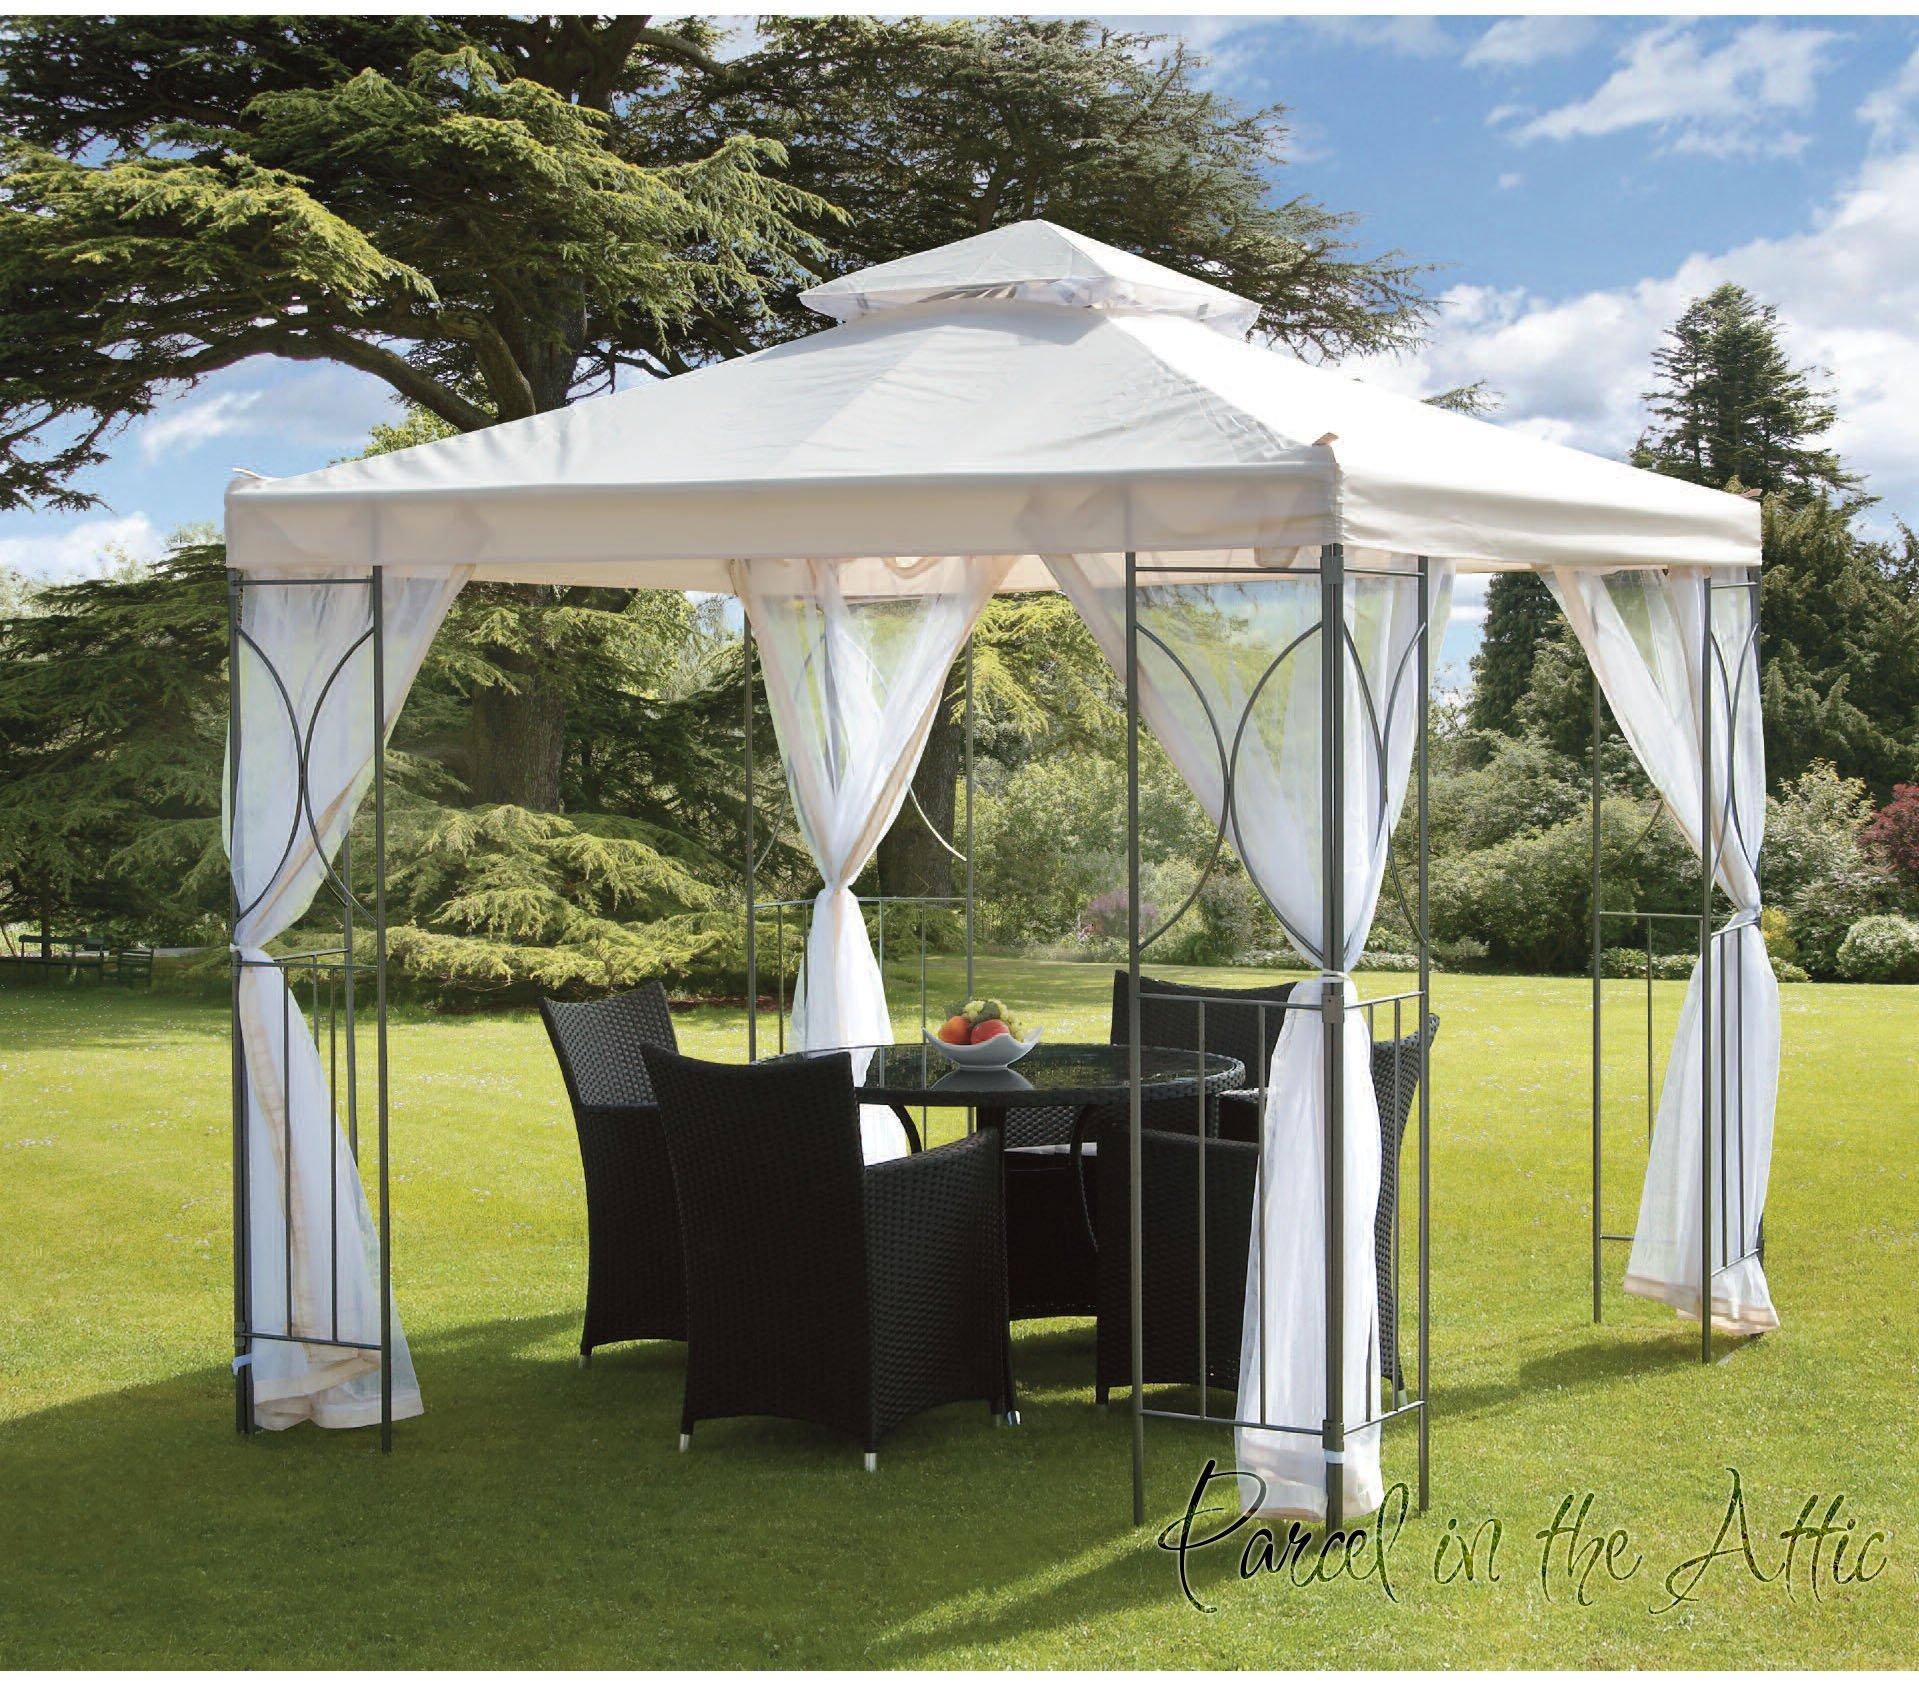 Carpa de metal contemporánea para jardín con marco de aluminio resistente al agua, Tienda con toldo y Parasol para jardín (3 x 3 m): Amazon.es: Jardín